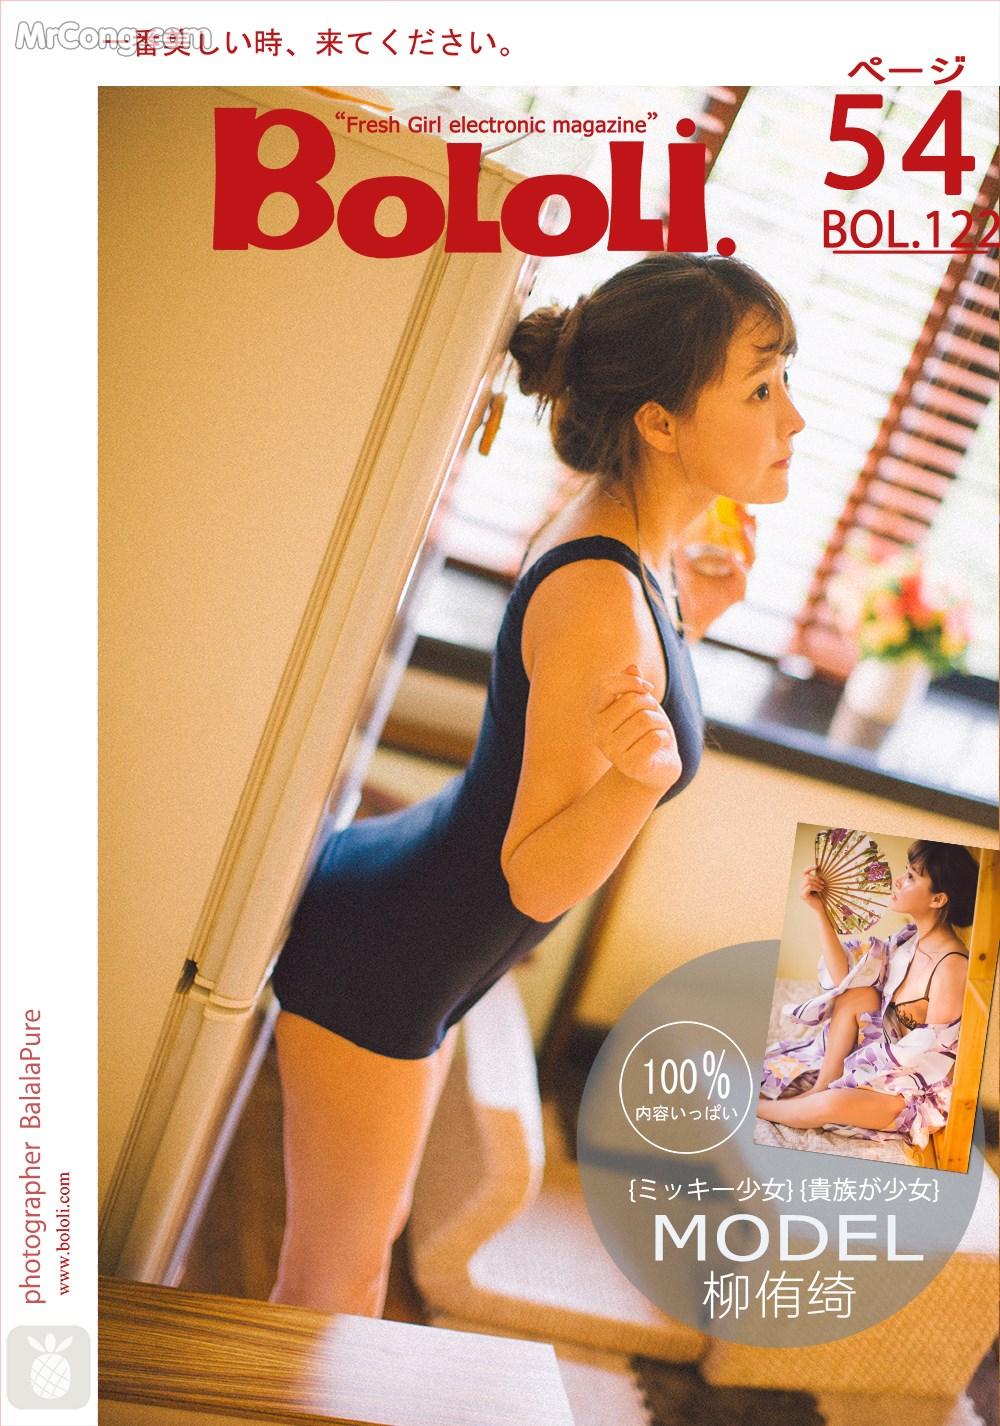 BoLoli 2017-09-21 Vol.122: Người mẫu Liu You Qi Sevenbaby (柳侑绮) (55 ảnh)